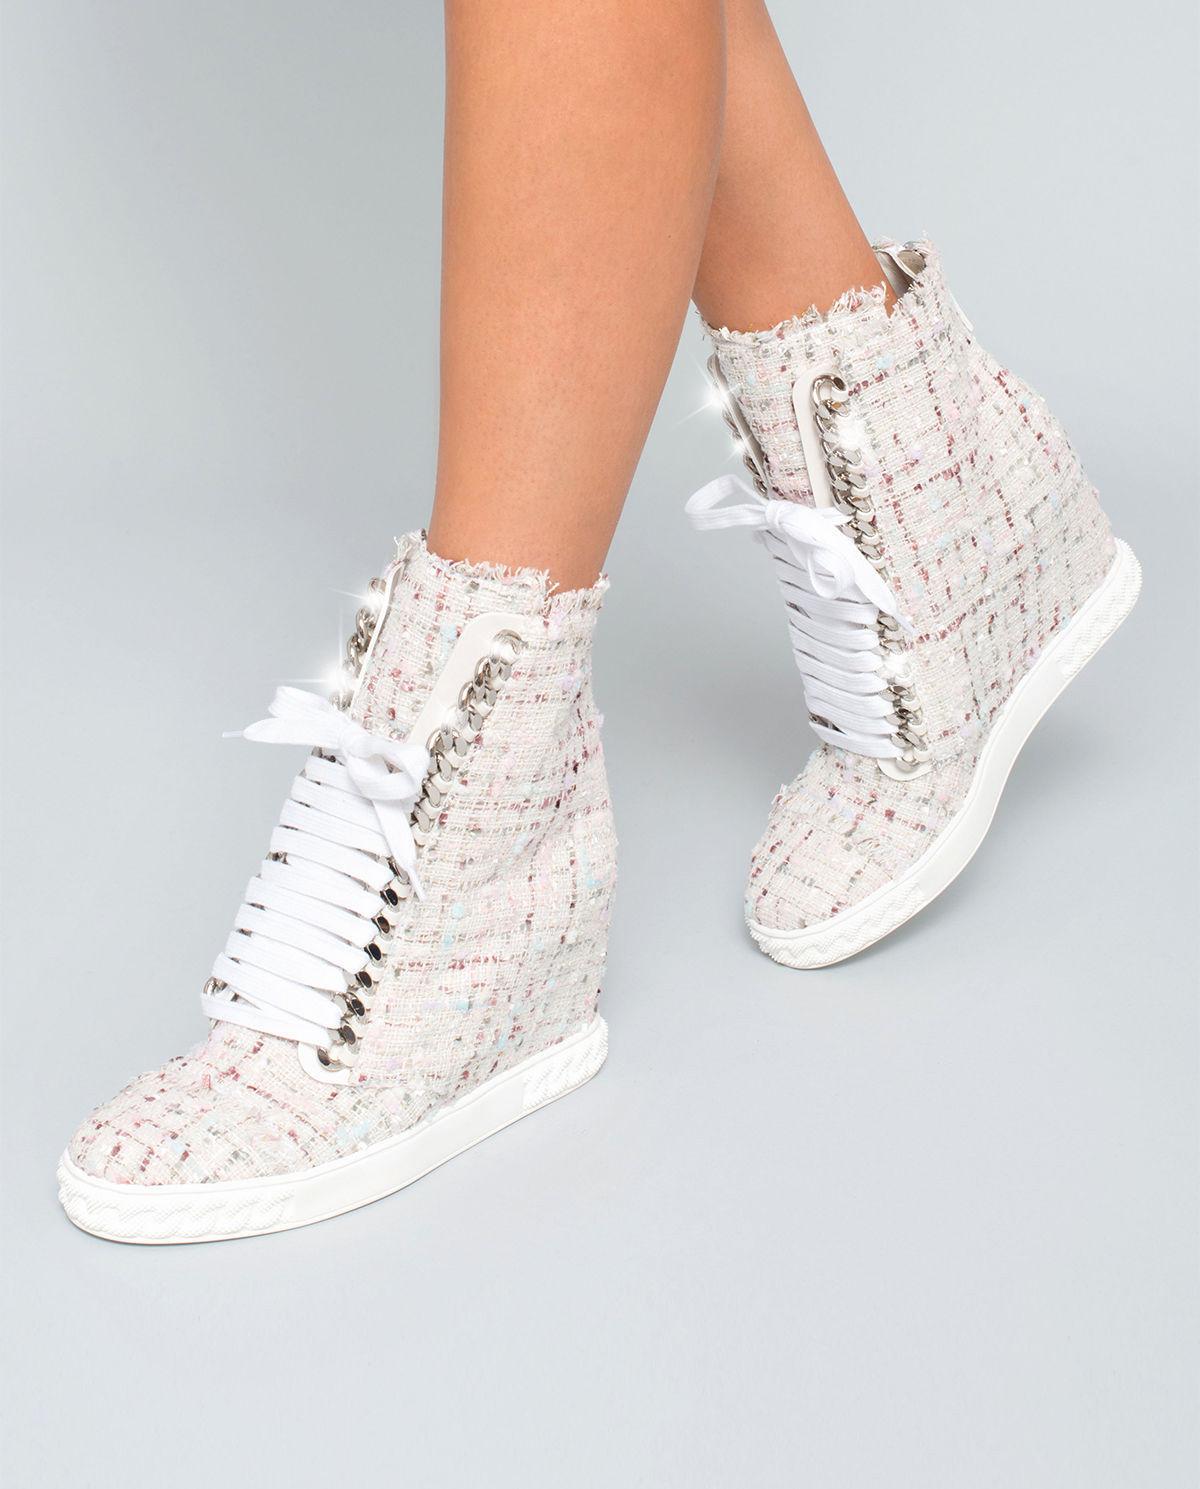 Sneakersy na klínku CASADEI – Kup teď! Nejlepší ceny a recenze! Obchod  Moliera2.cz. 90c999af7a